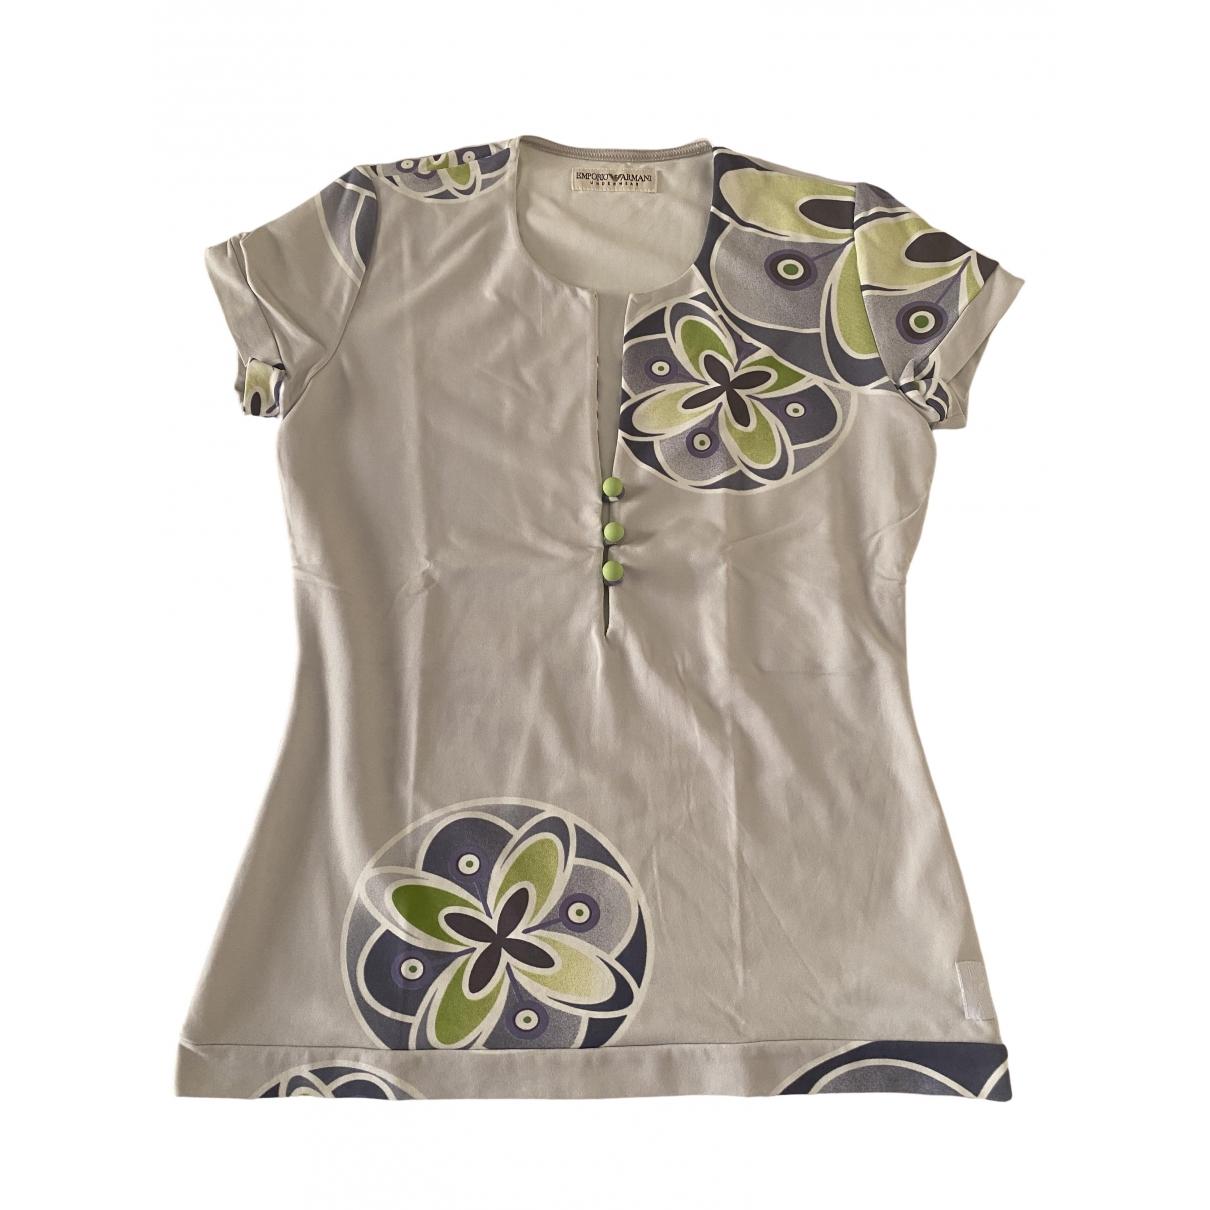 Emporio Armani - Top   pour femme - multicolore